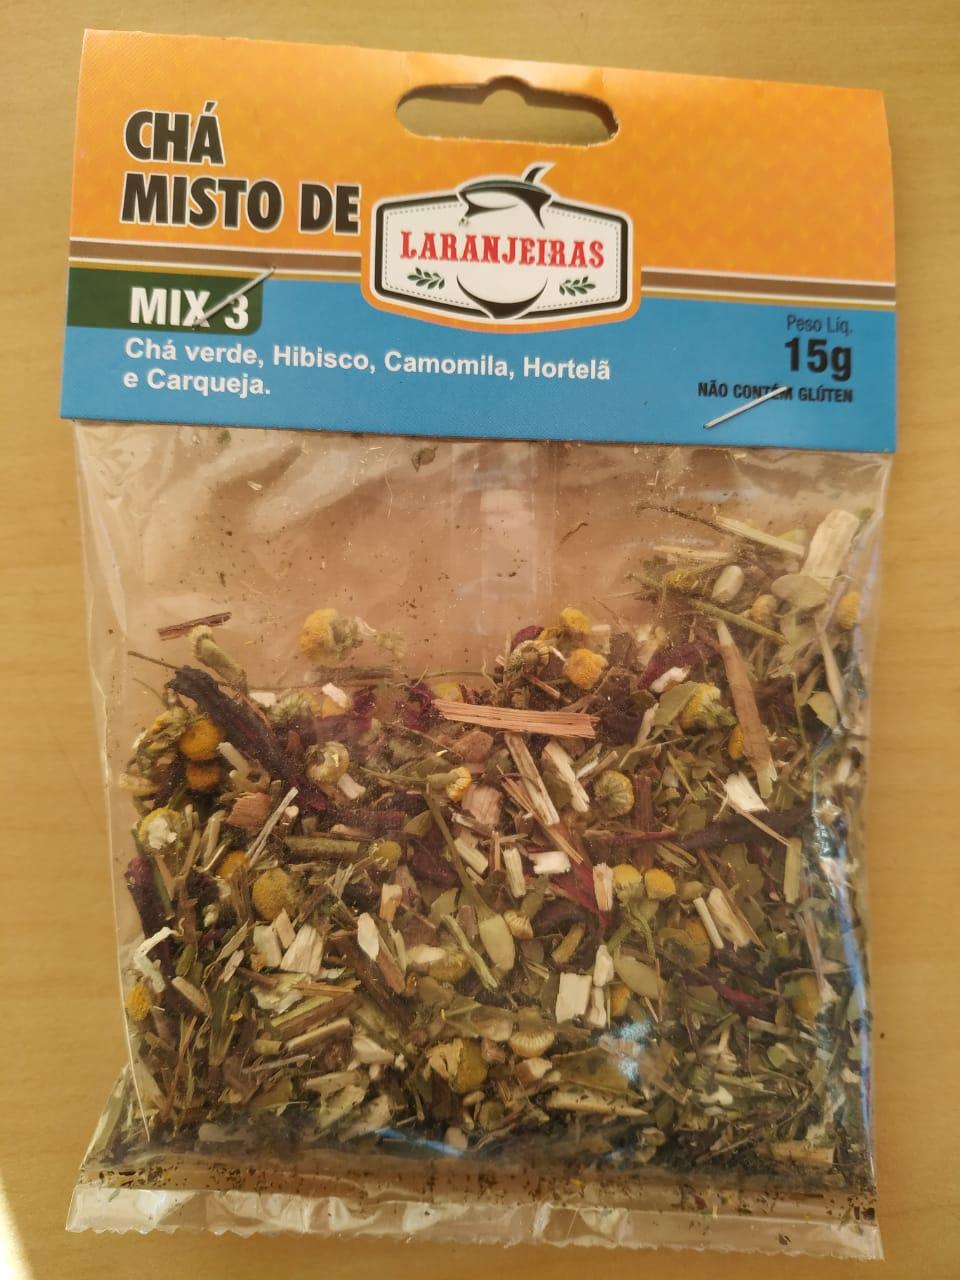 Chá misto (mix 3)